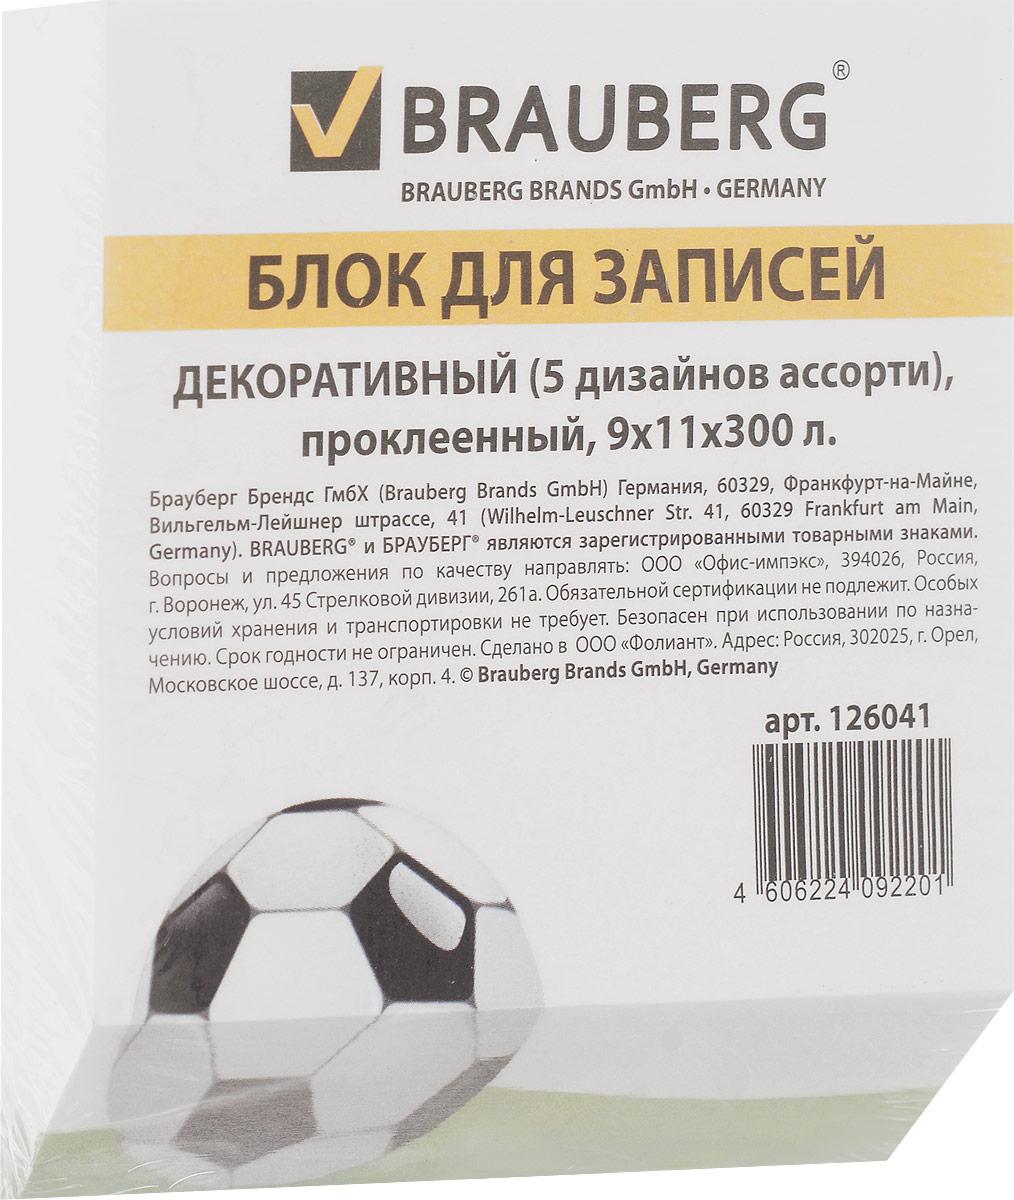 Brauberg Блок для записей Футбольный мяч 9 х 11 см 300 листов126041_футбольный мячБлок для записей Brauberg изготовлен из высококачественной офсетной бумаги. Идеально подходит для быстрой фиксации информации. Благодаря яркой цветовой гамме, современному дизайну и оригинальной конструкции вносит в развитие ребенка яркую ноту.